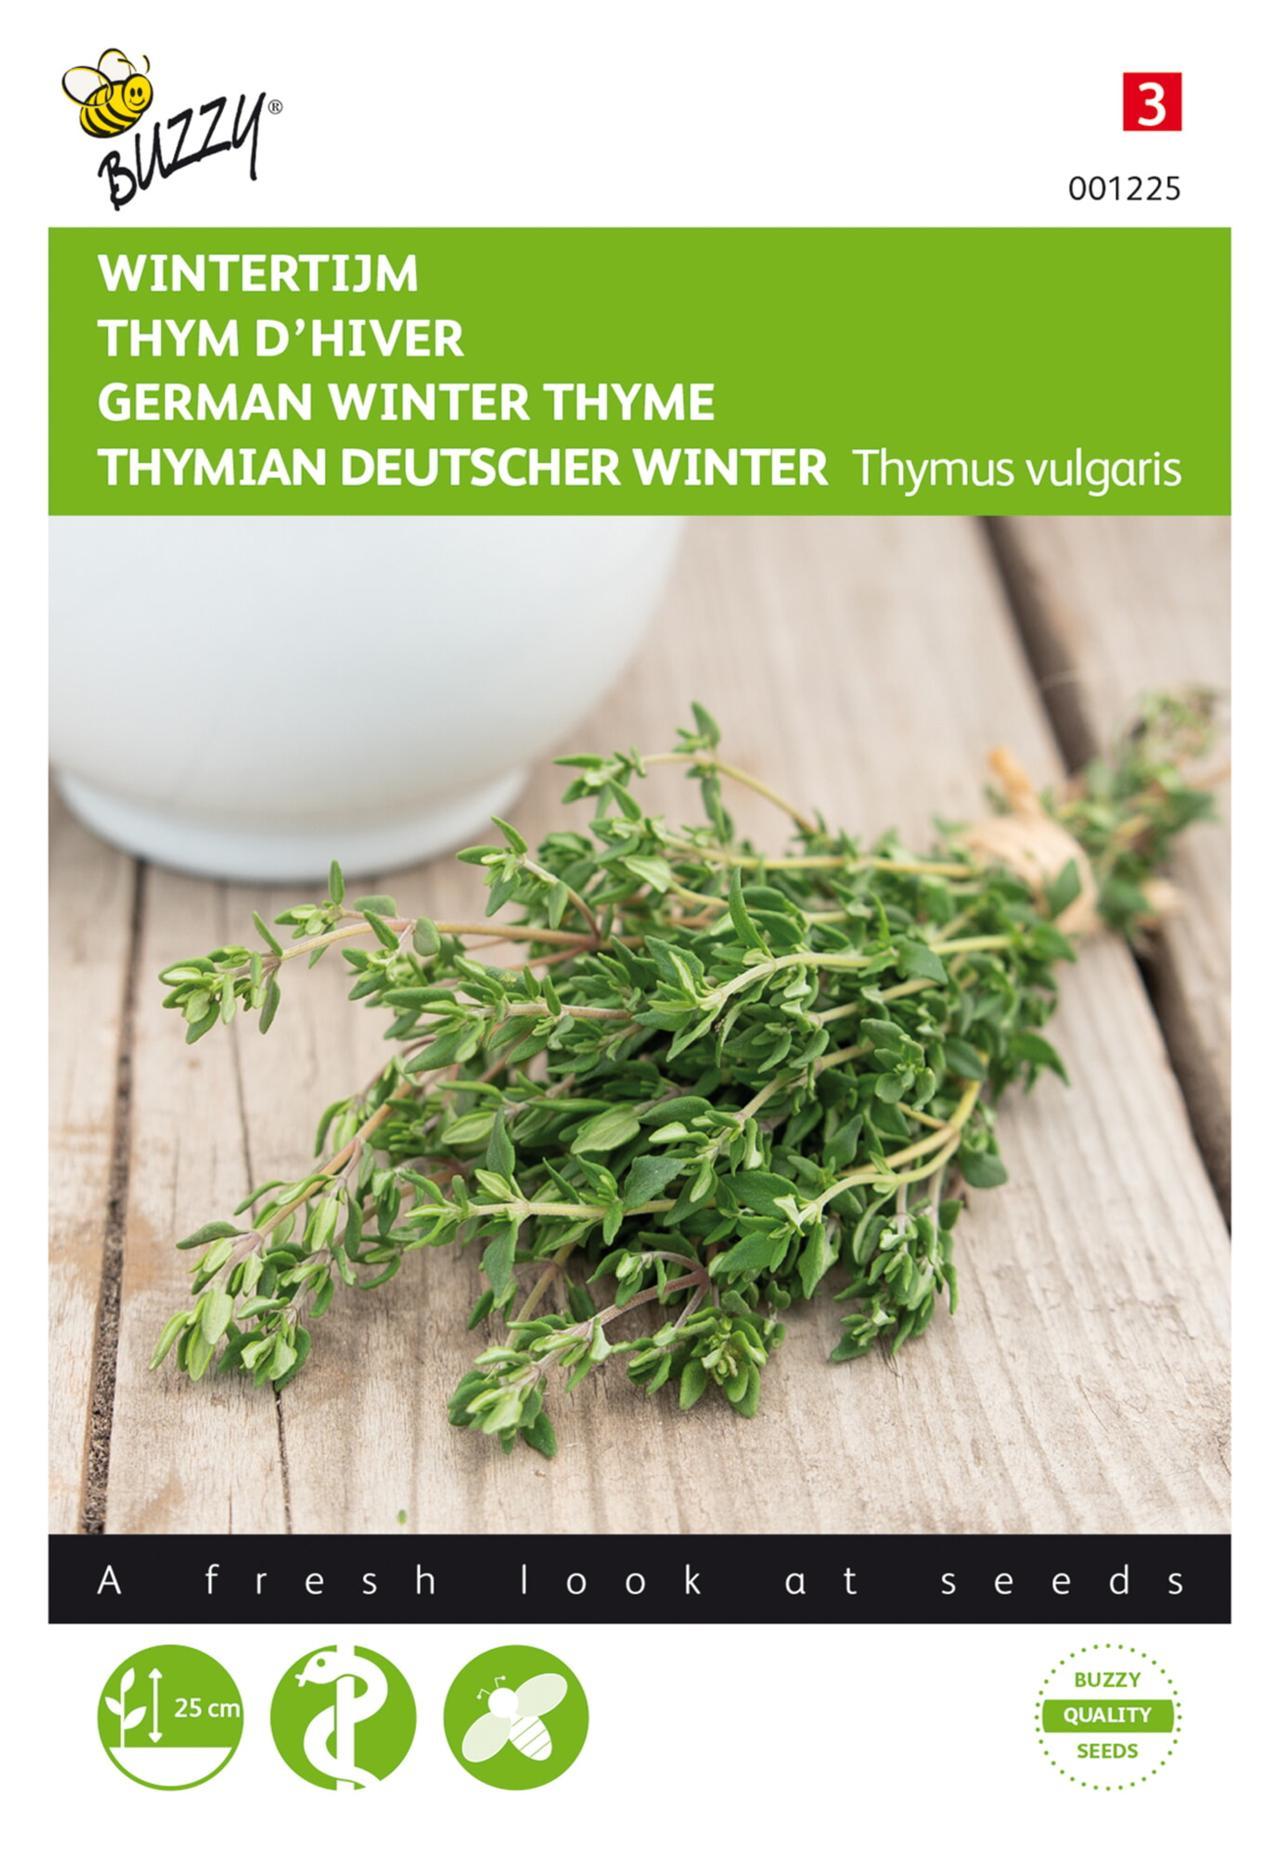 Thymus vulgaris plant